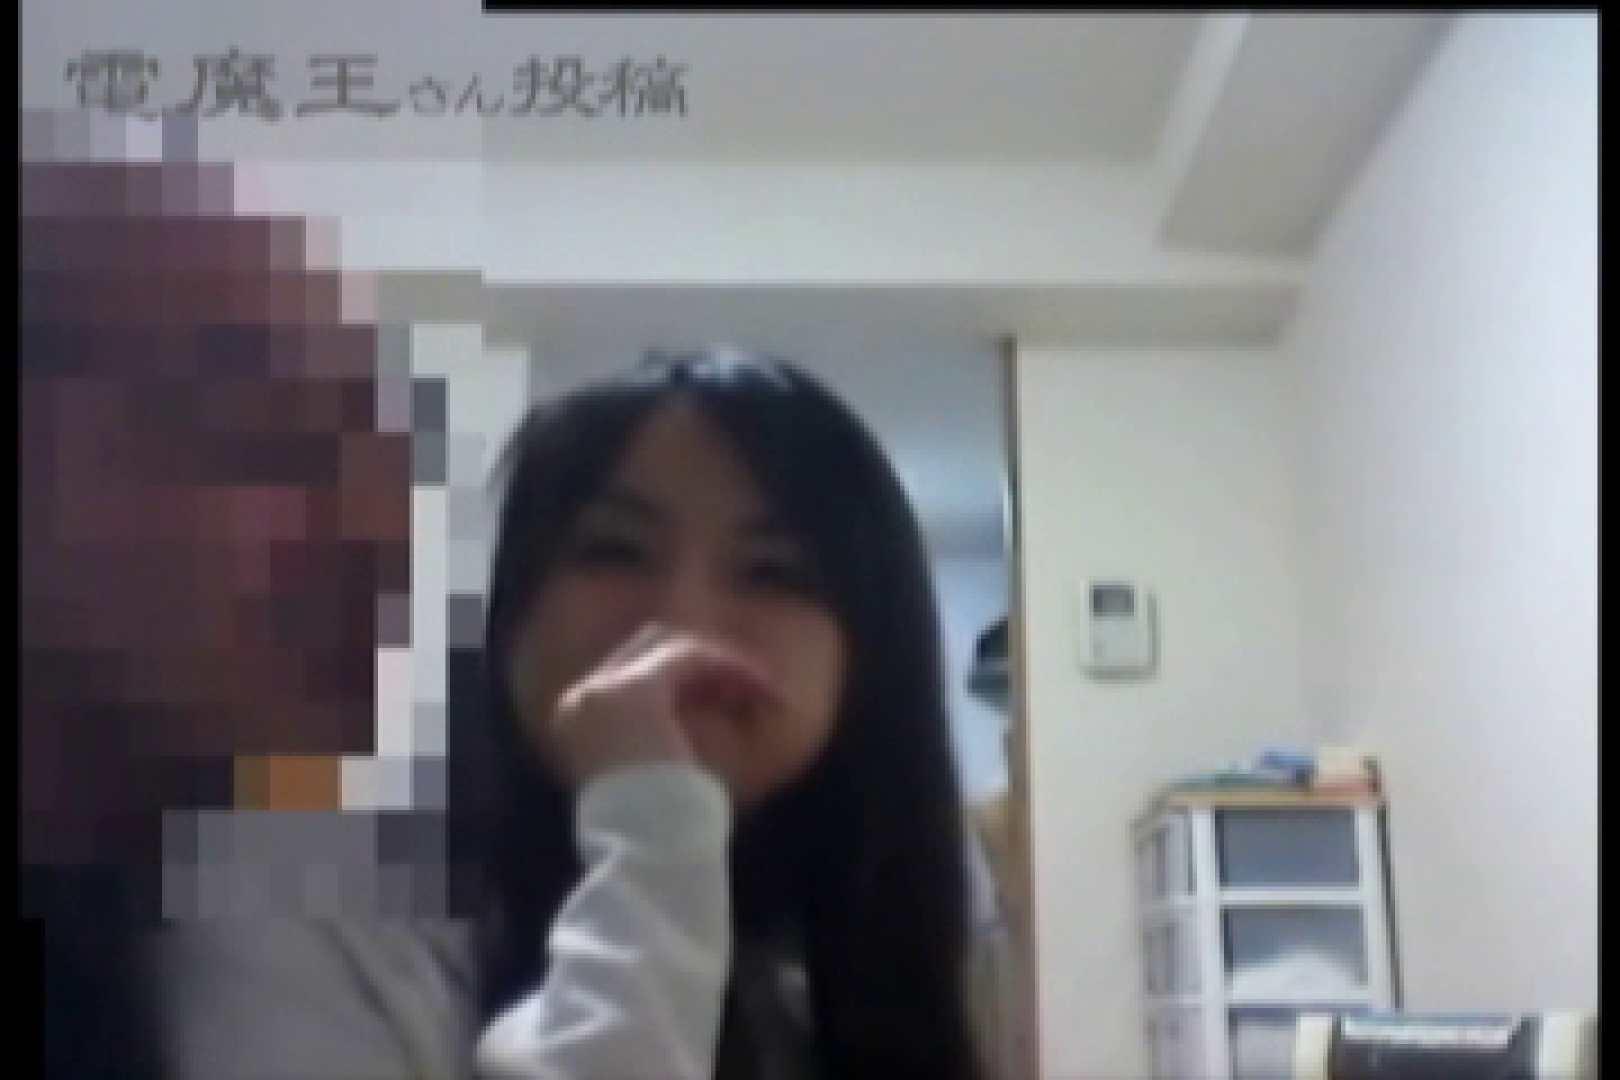 無修正エロ動画:電魔王さんの「隠撮の部屋」ミーナ:大奥